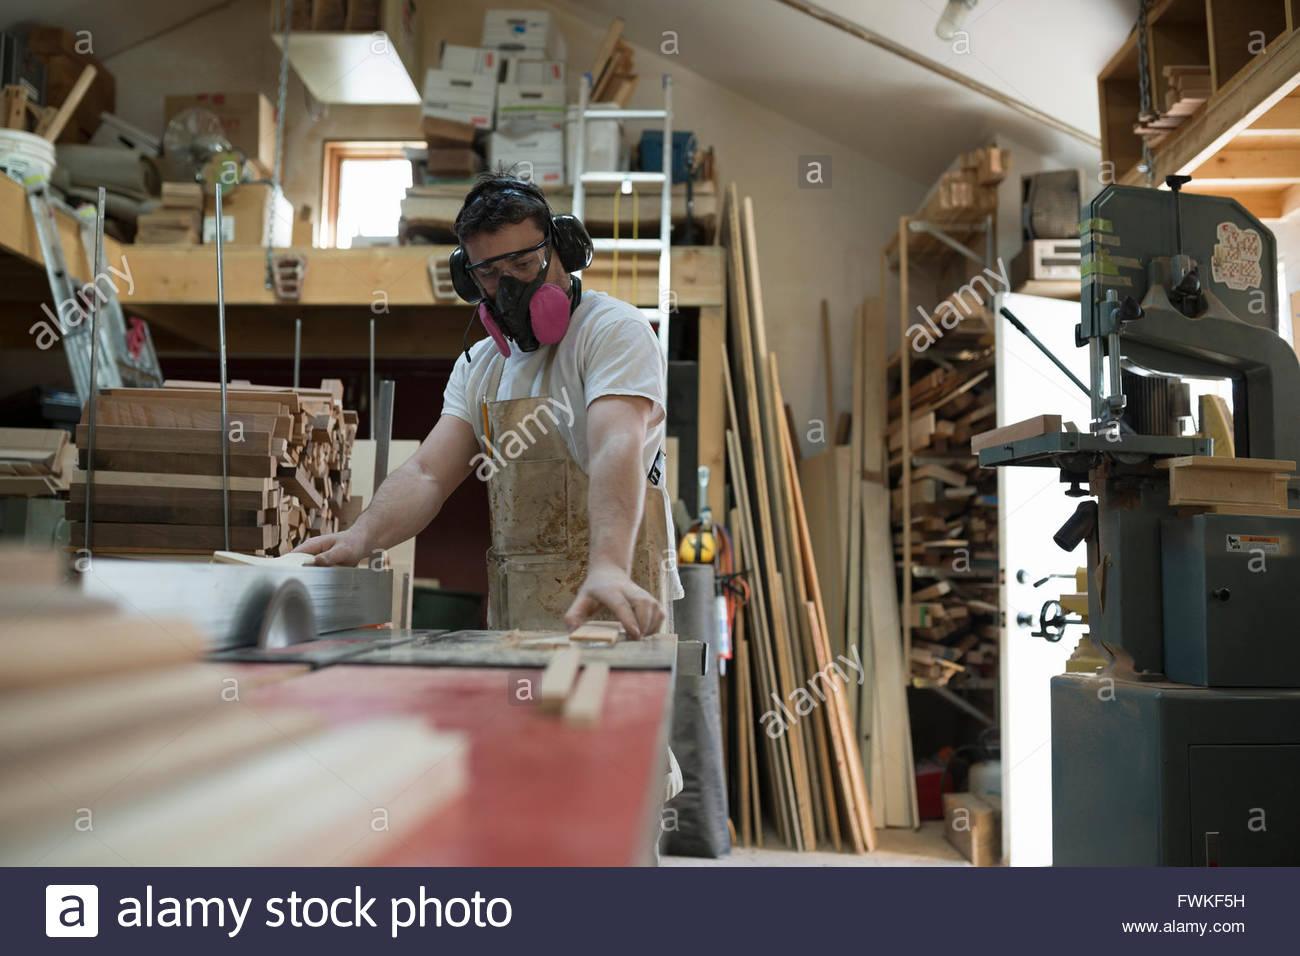 Carpenter wearing masque de protection en atelier Photo Stock